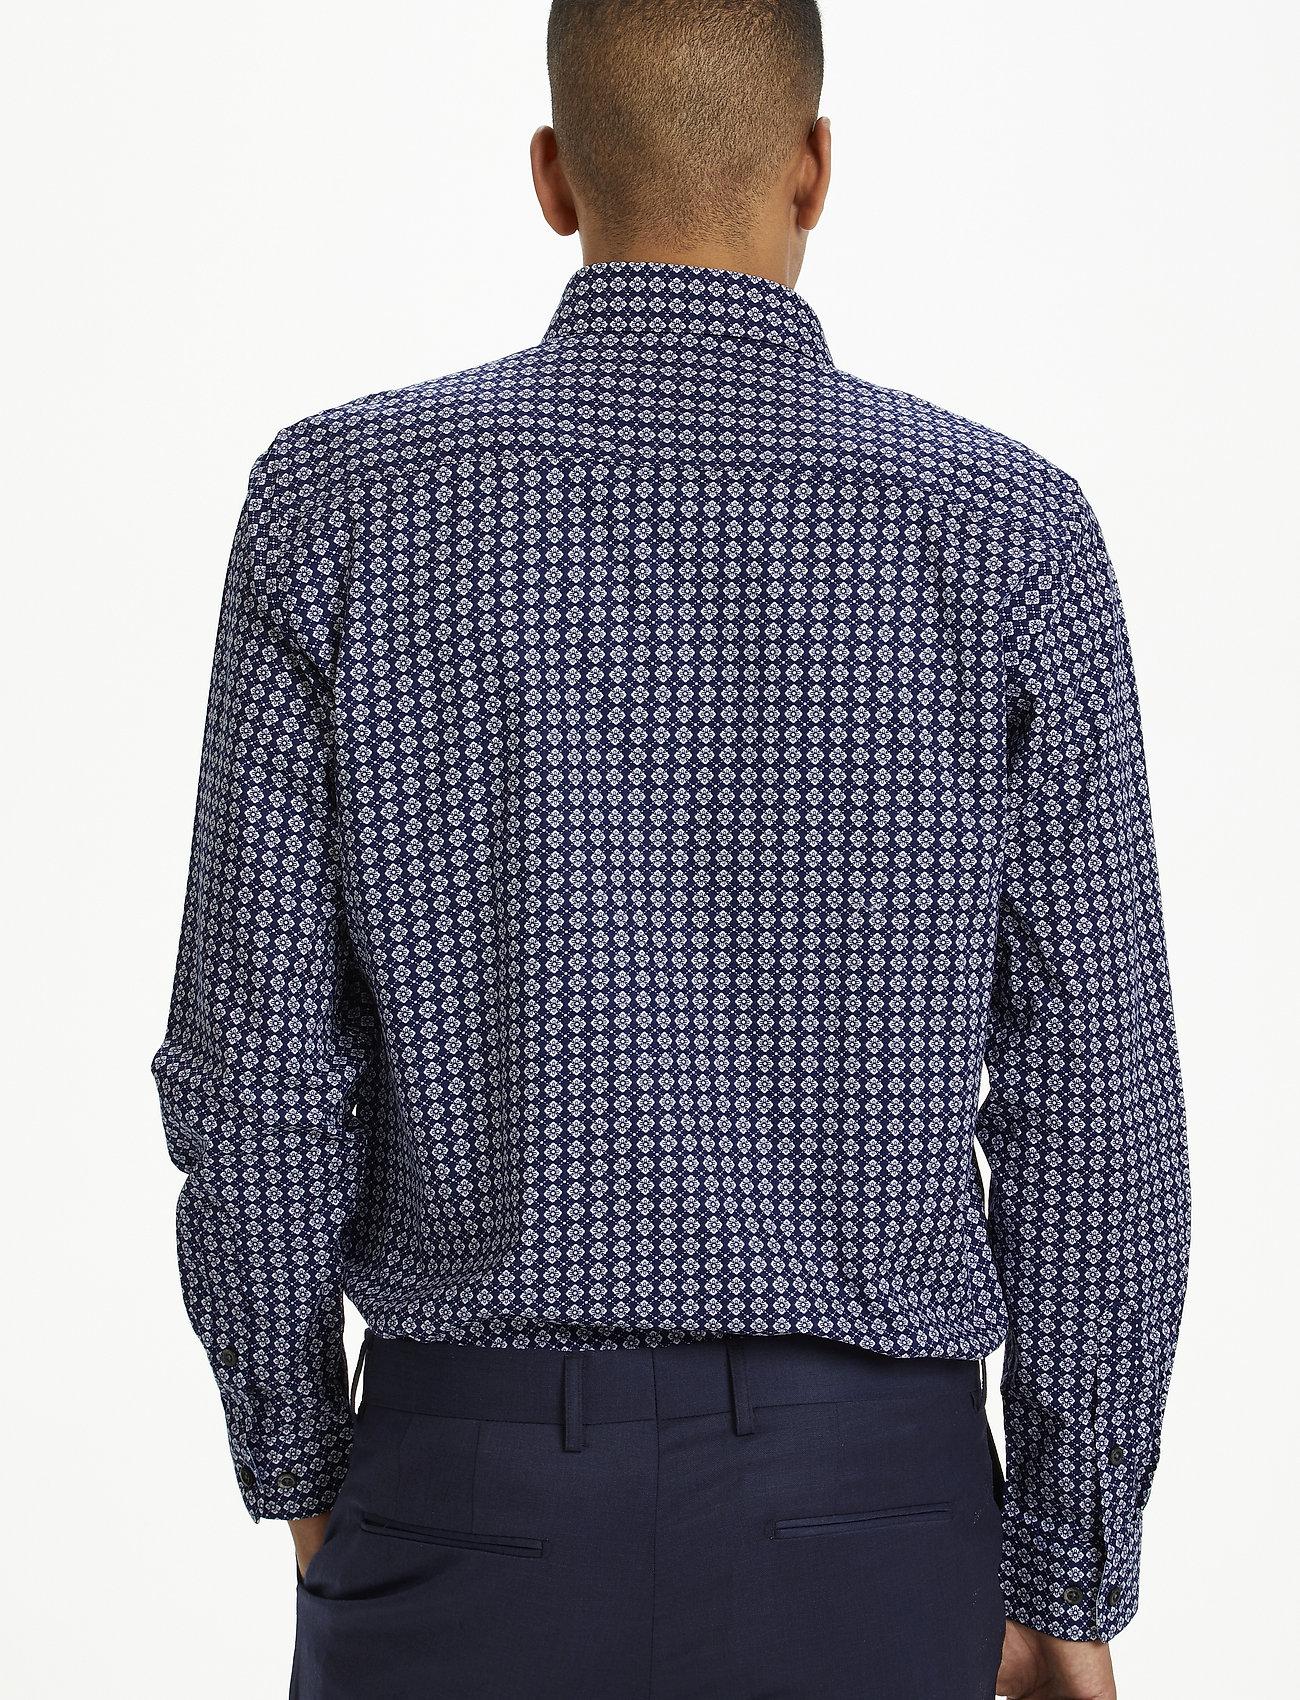 Matinique MAtrostol B5 - Skjorter DARK NAVY - Menn Klær